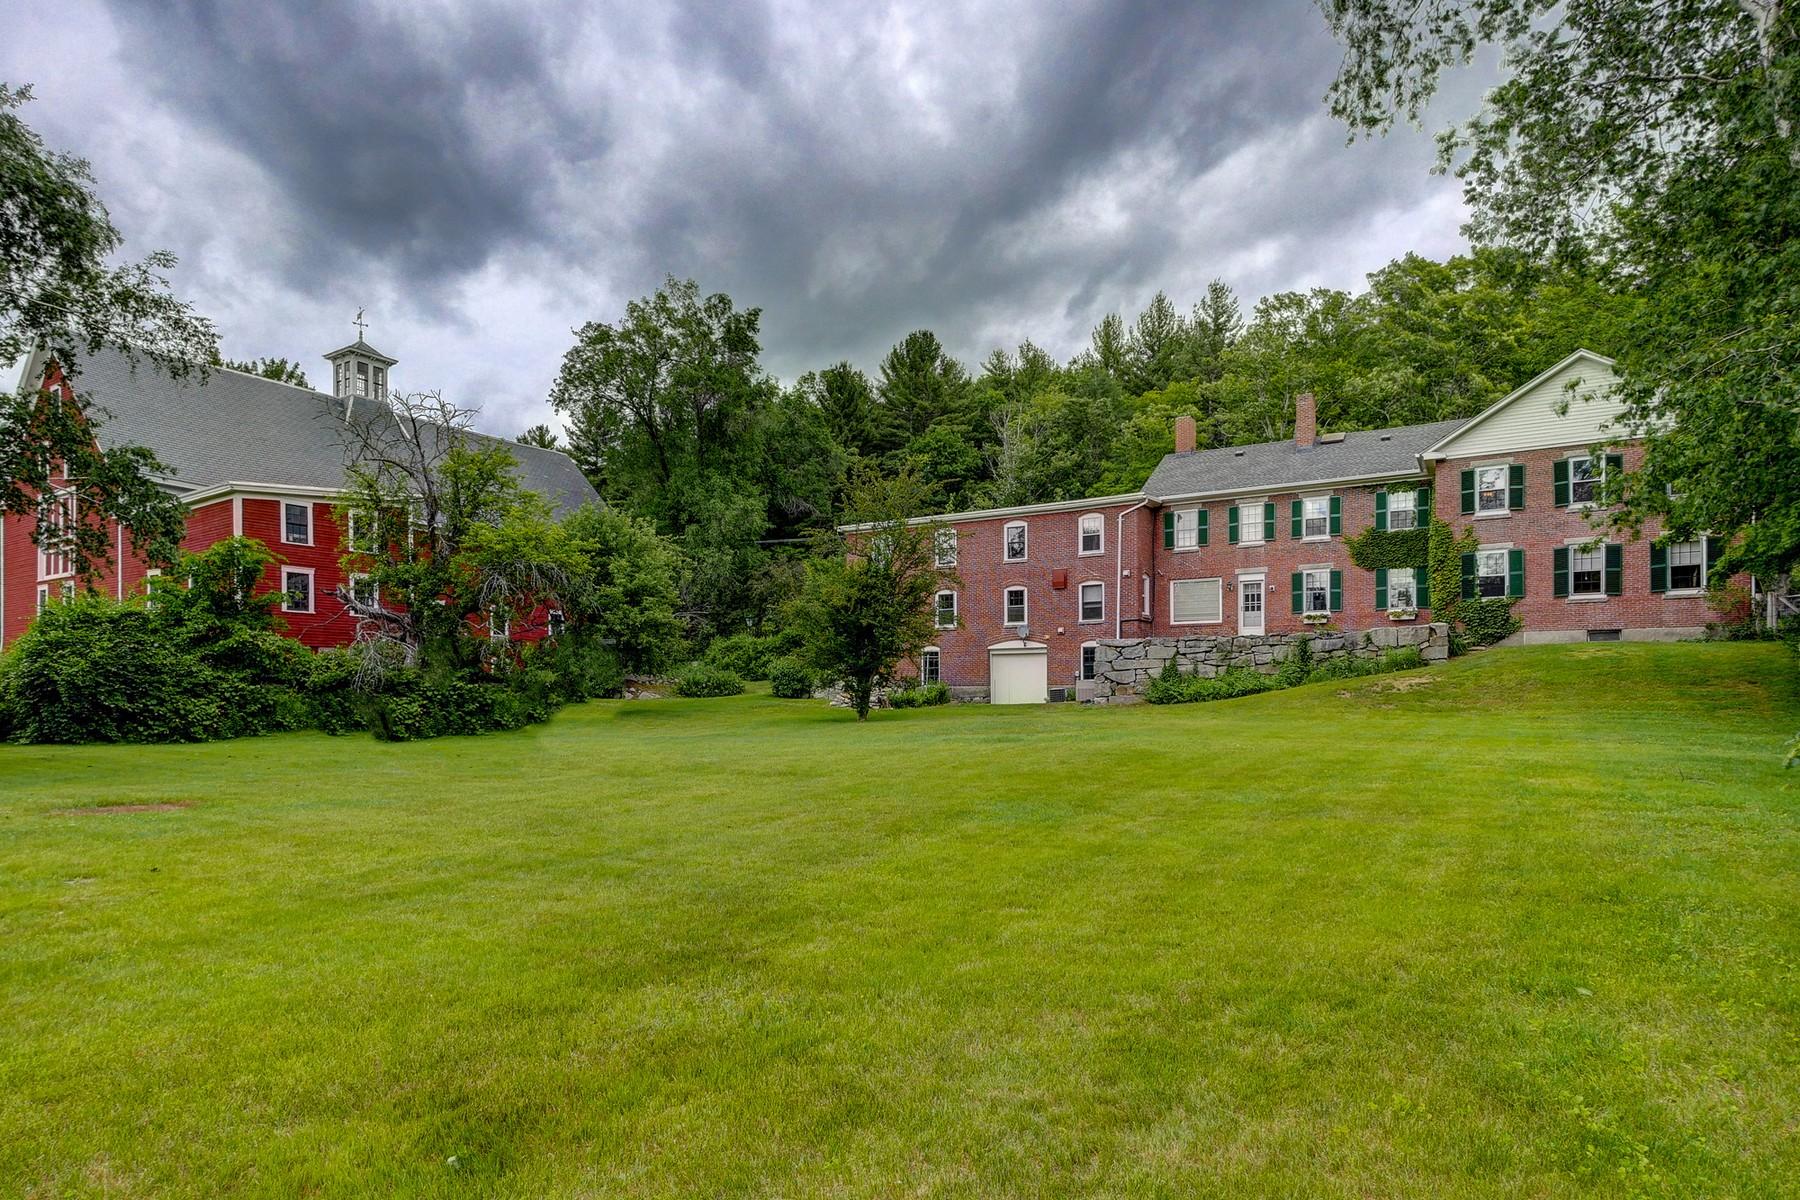 Maison unifamiliale pour l Vente à 147 Nashua Rd, Bedford Bedford, New Hampshire 03110 États-Unis